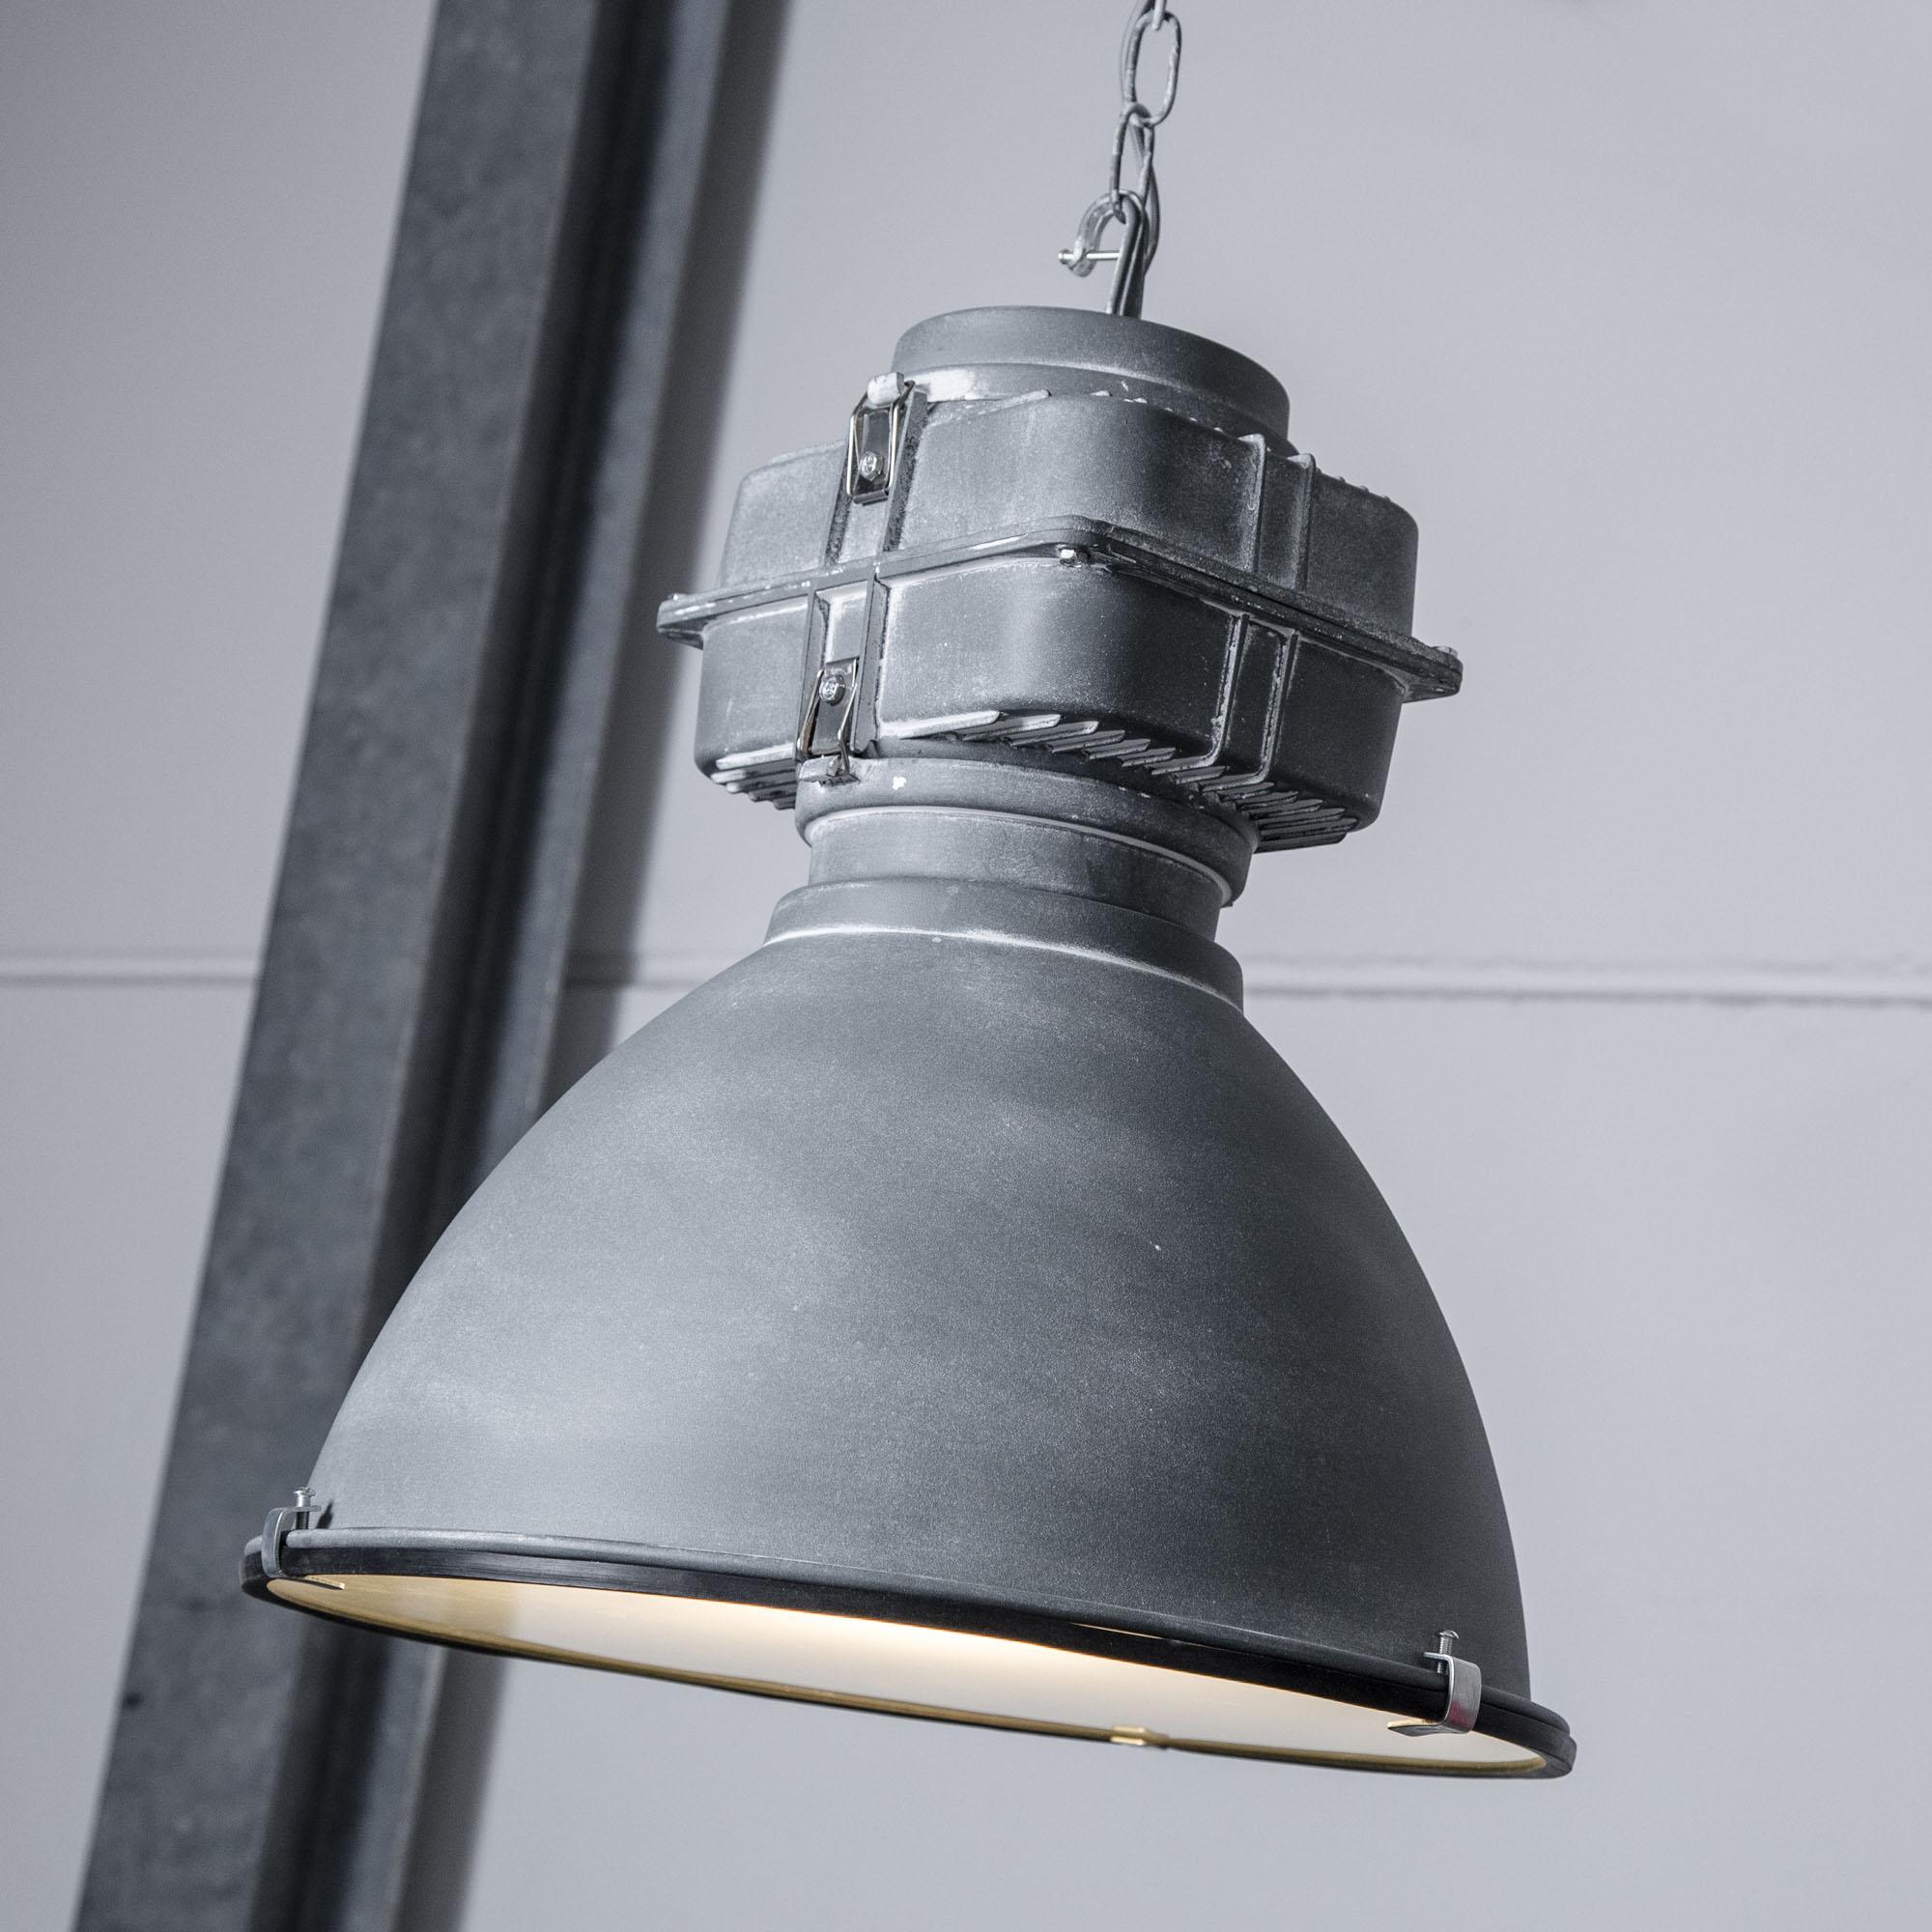 Full Size of Design Pendelleuchte Im Loft Style Lackiert Küche Industrial Schlafzimmer Deckenlampe Bad Esstisch Deckenlampen Für Wohnzimmer Modern Wohnzimmer Deckenlampe Industrial